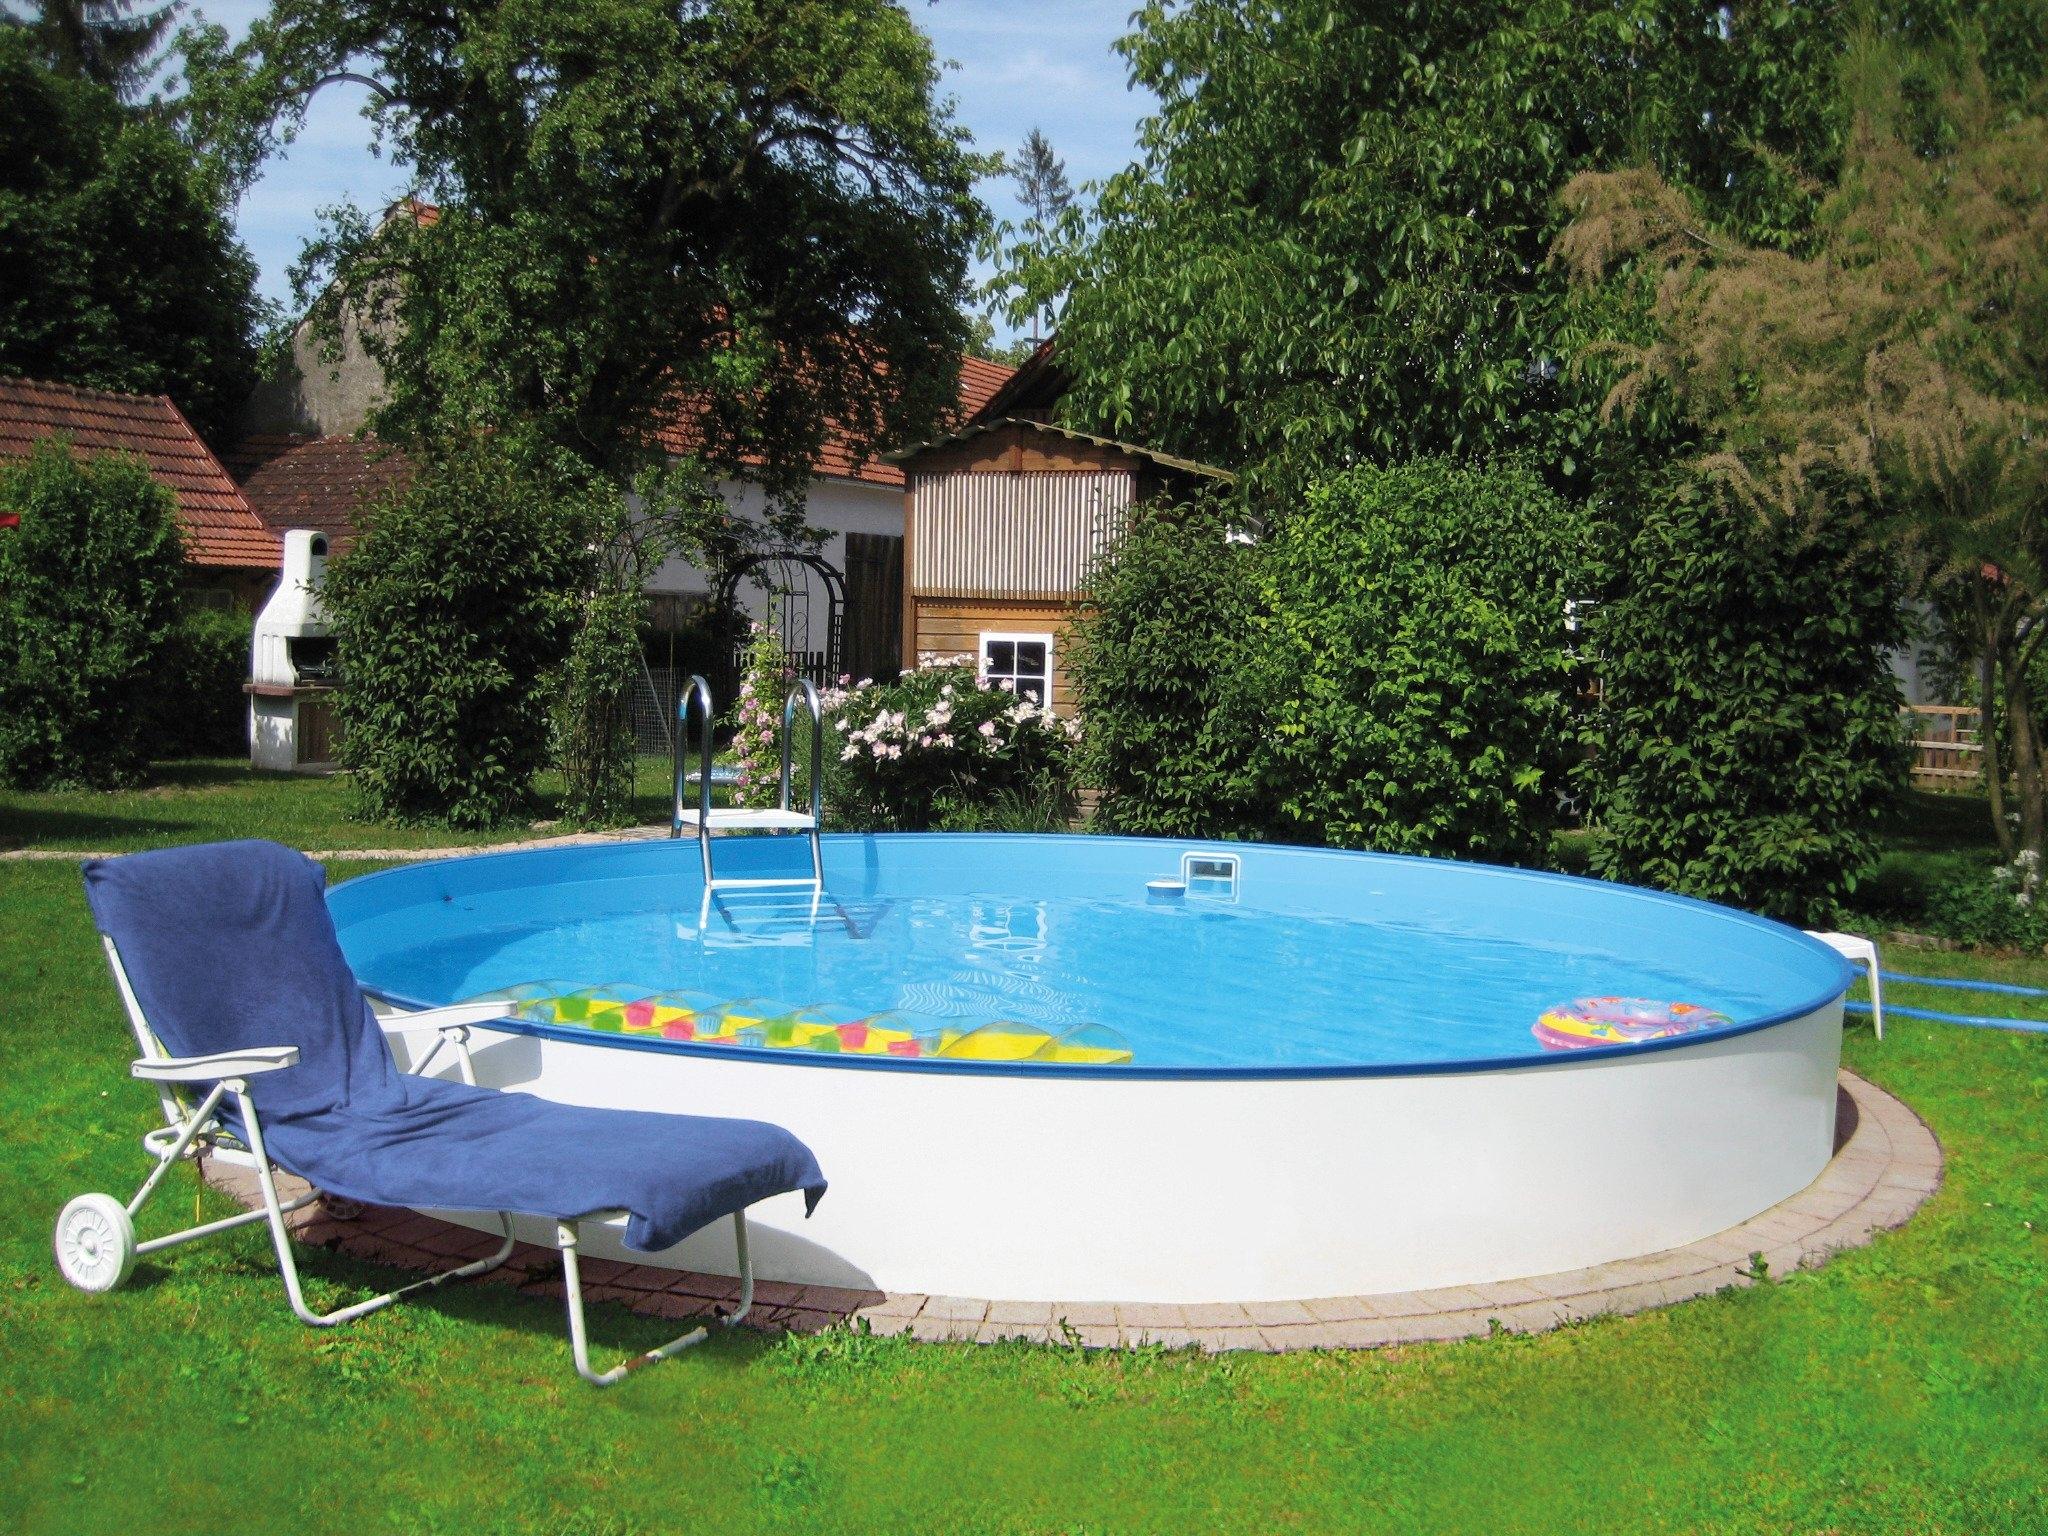 Summer fun rond zwembad »complete set 5 dlg.« snel gevonden otto